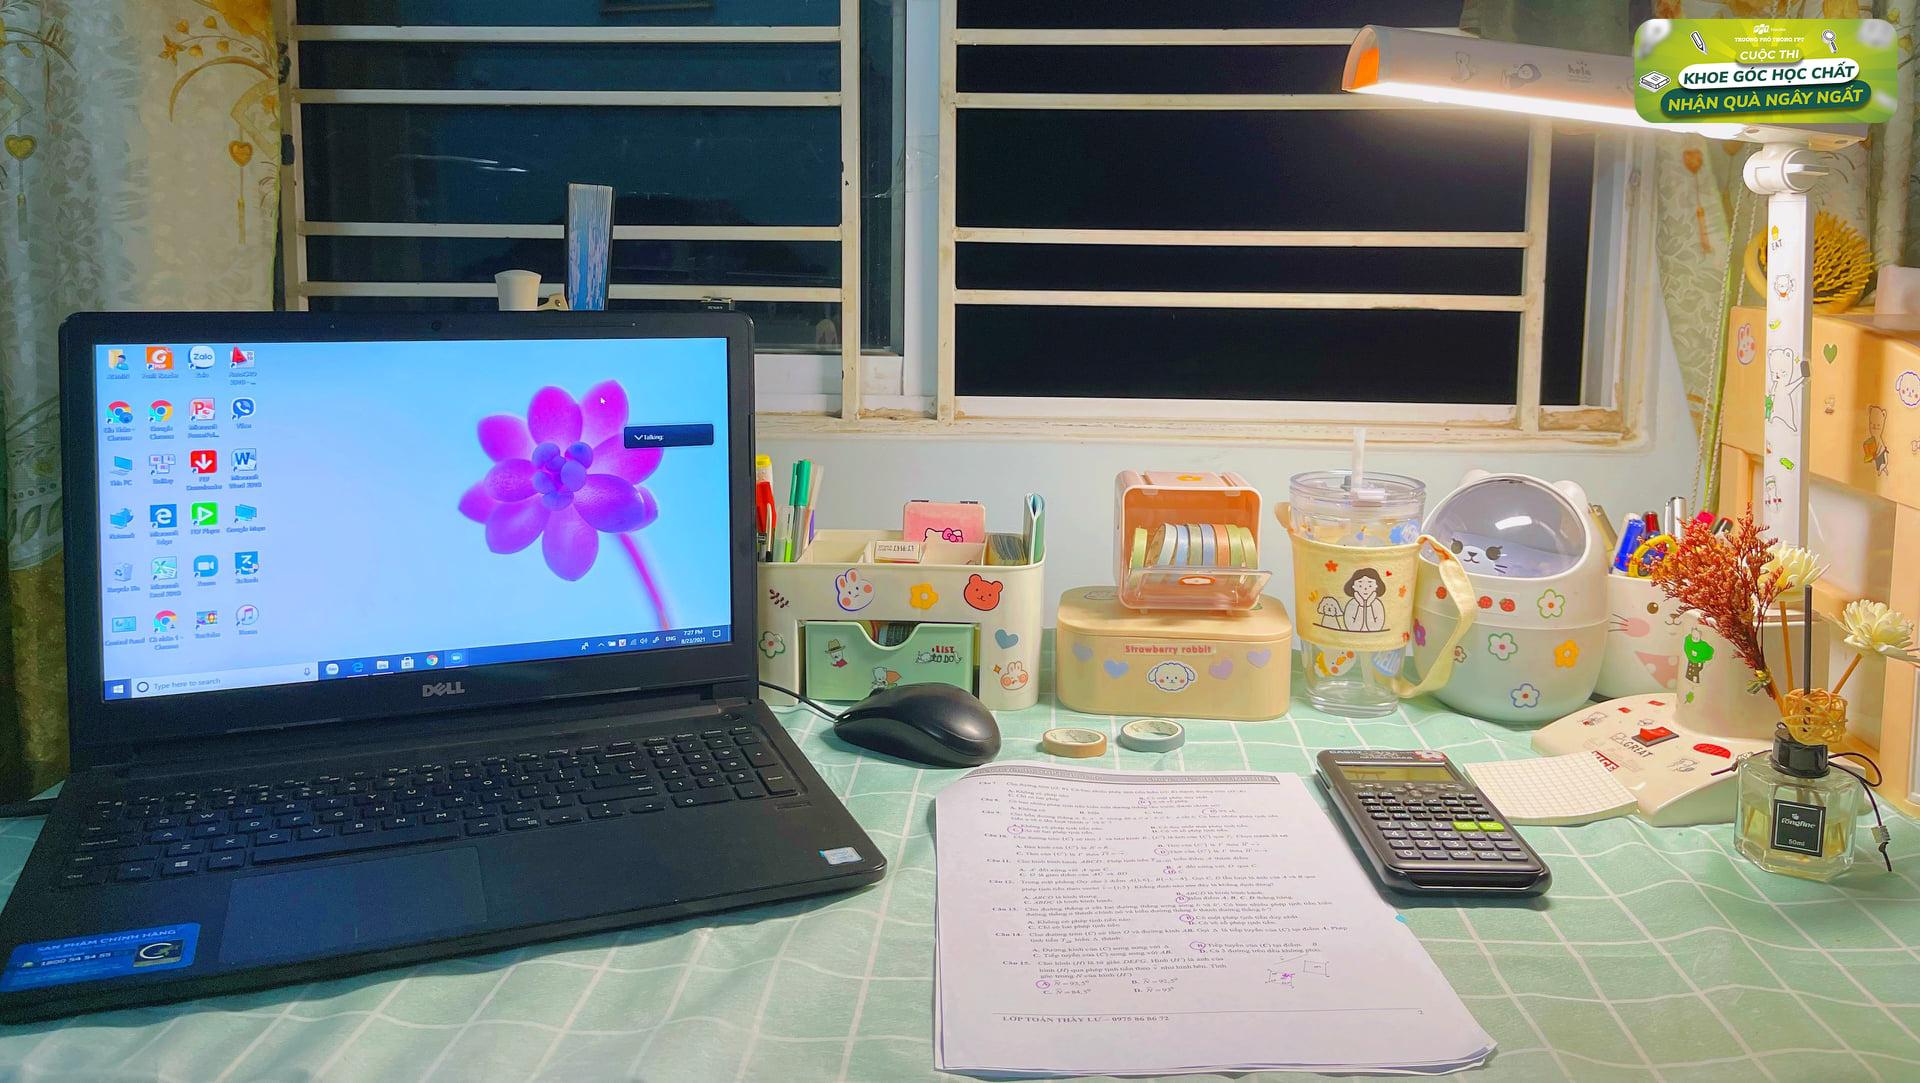 bàn học gần cửa sổ luôn được gen Z lựa chọn